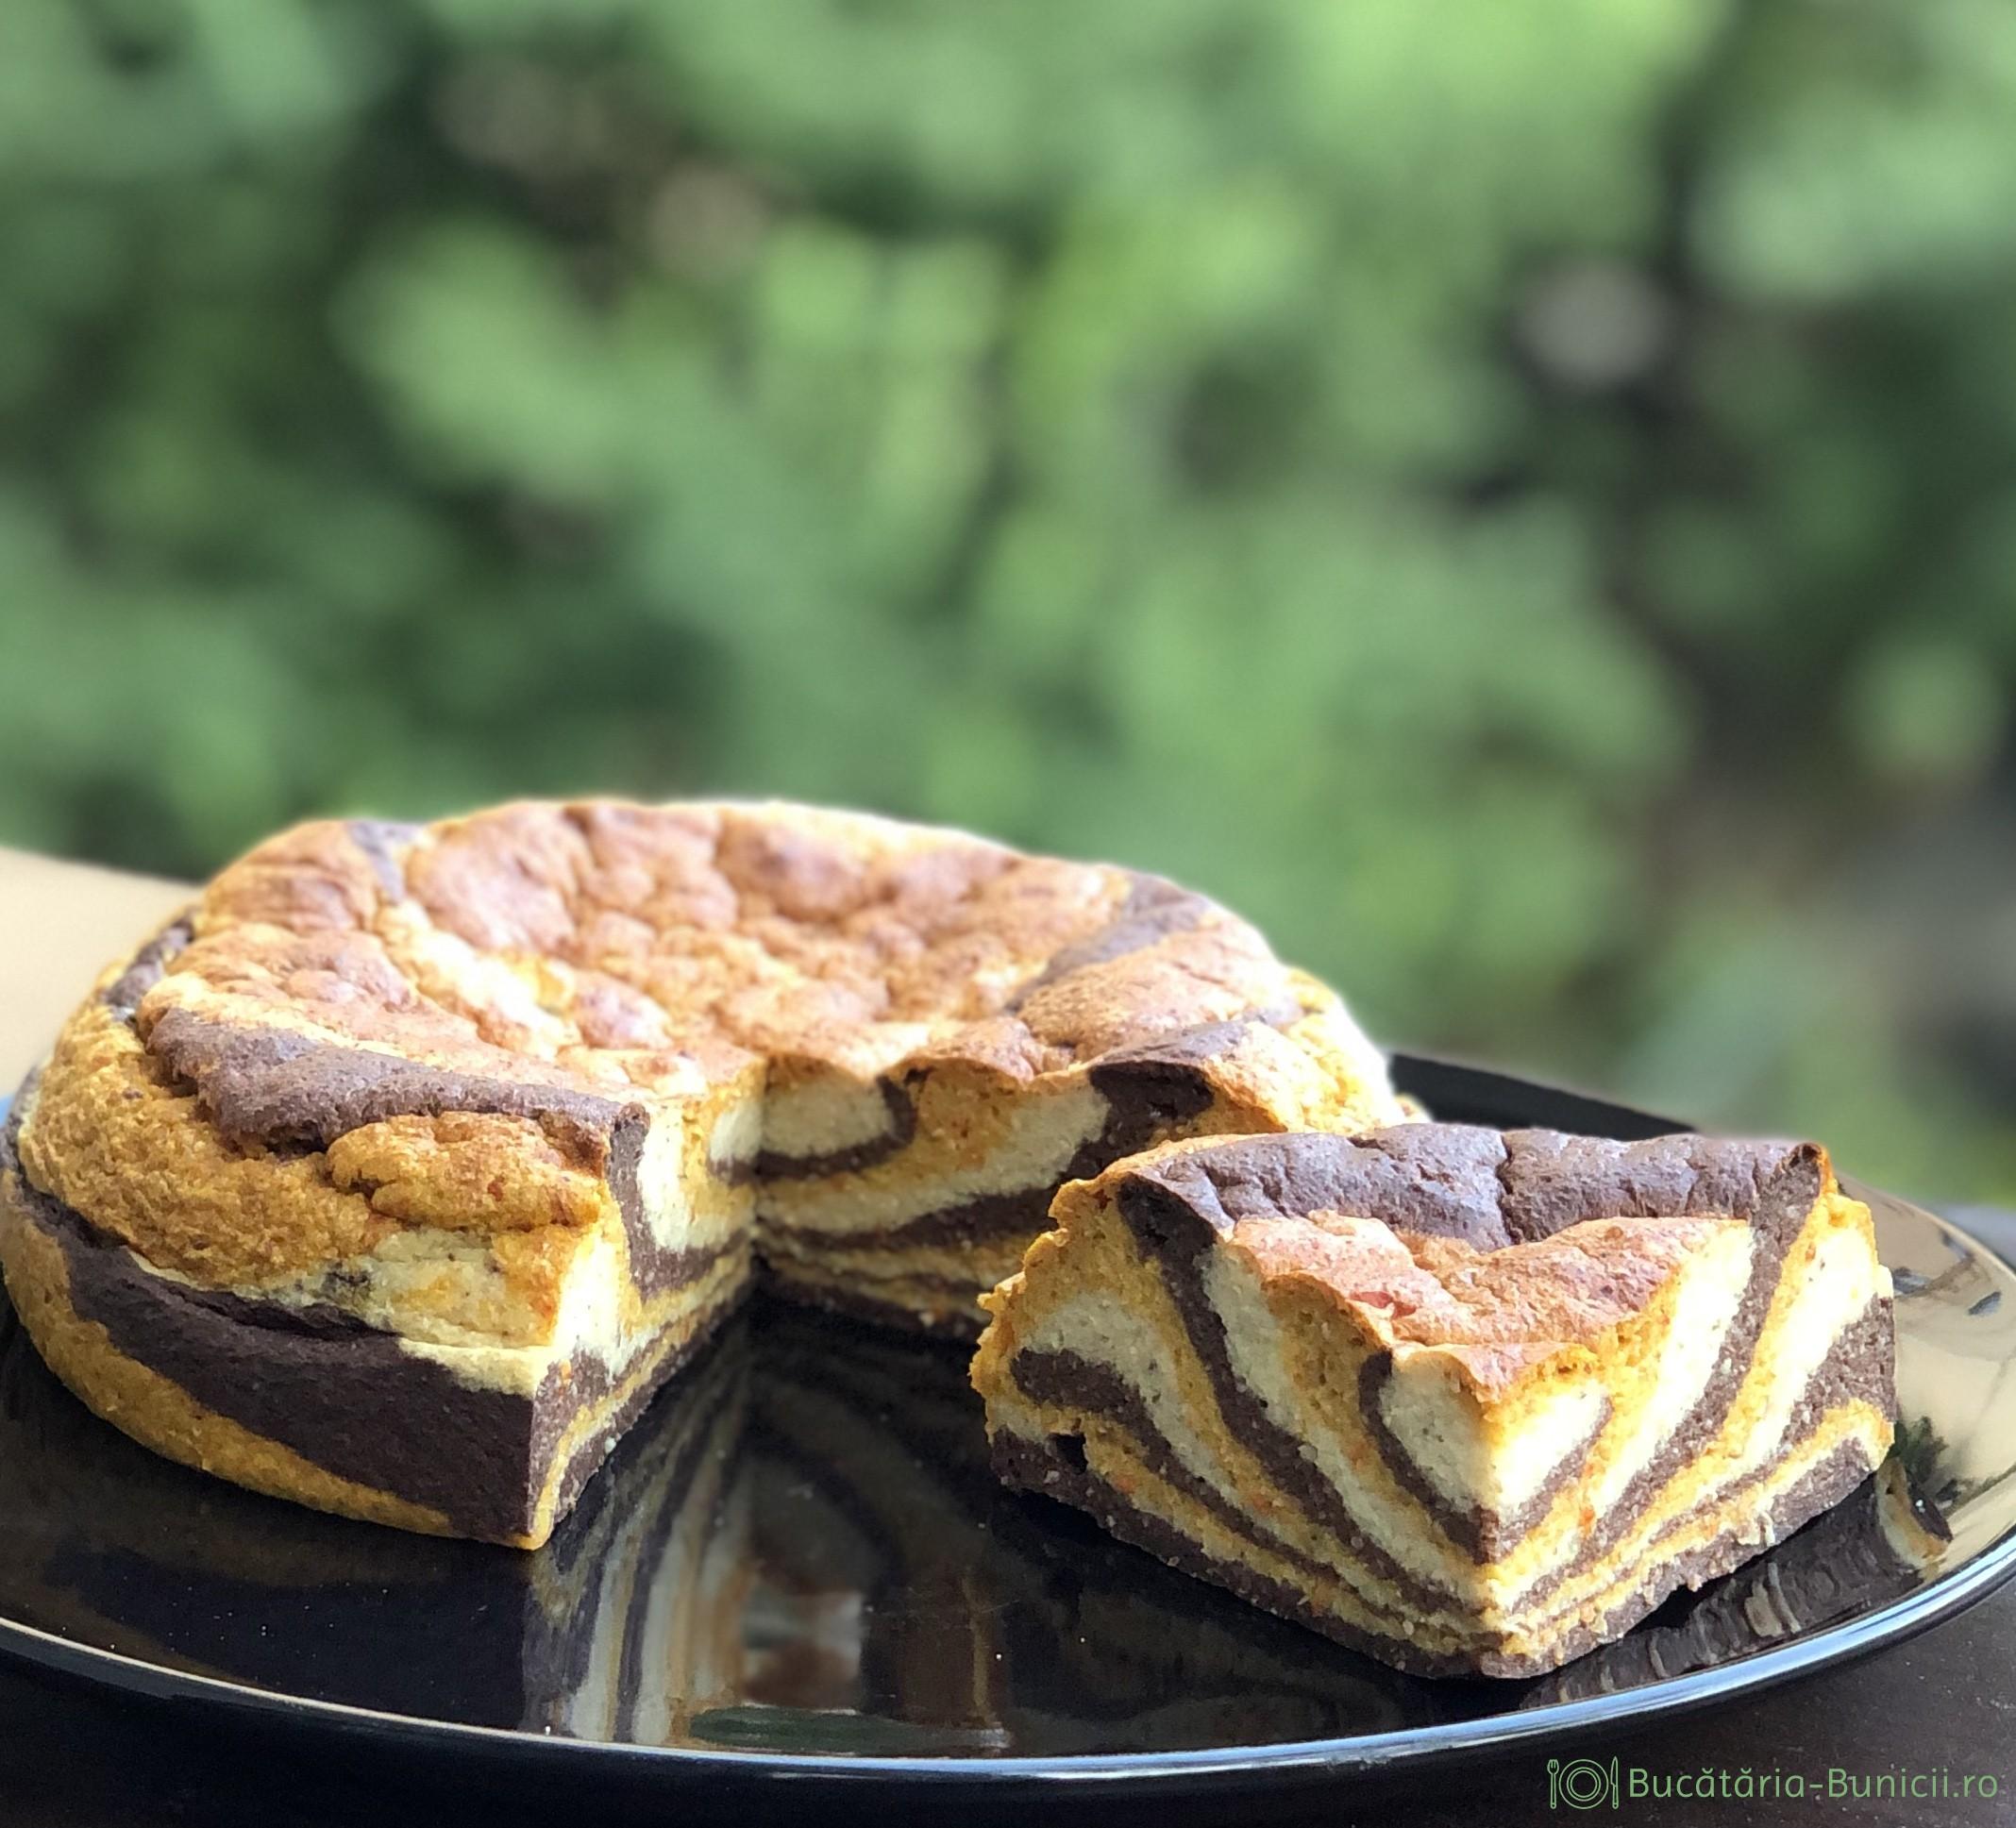 Cheesecake copt in trei culori